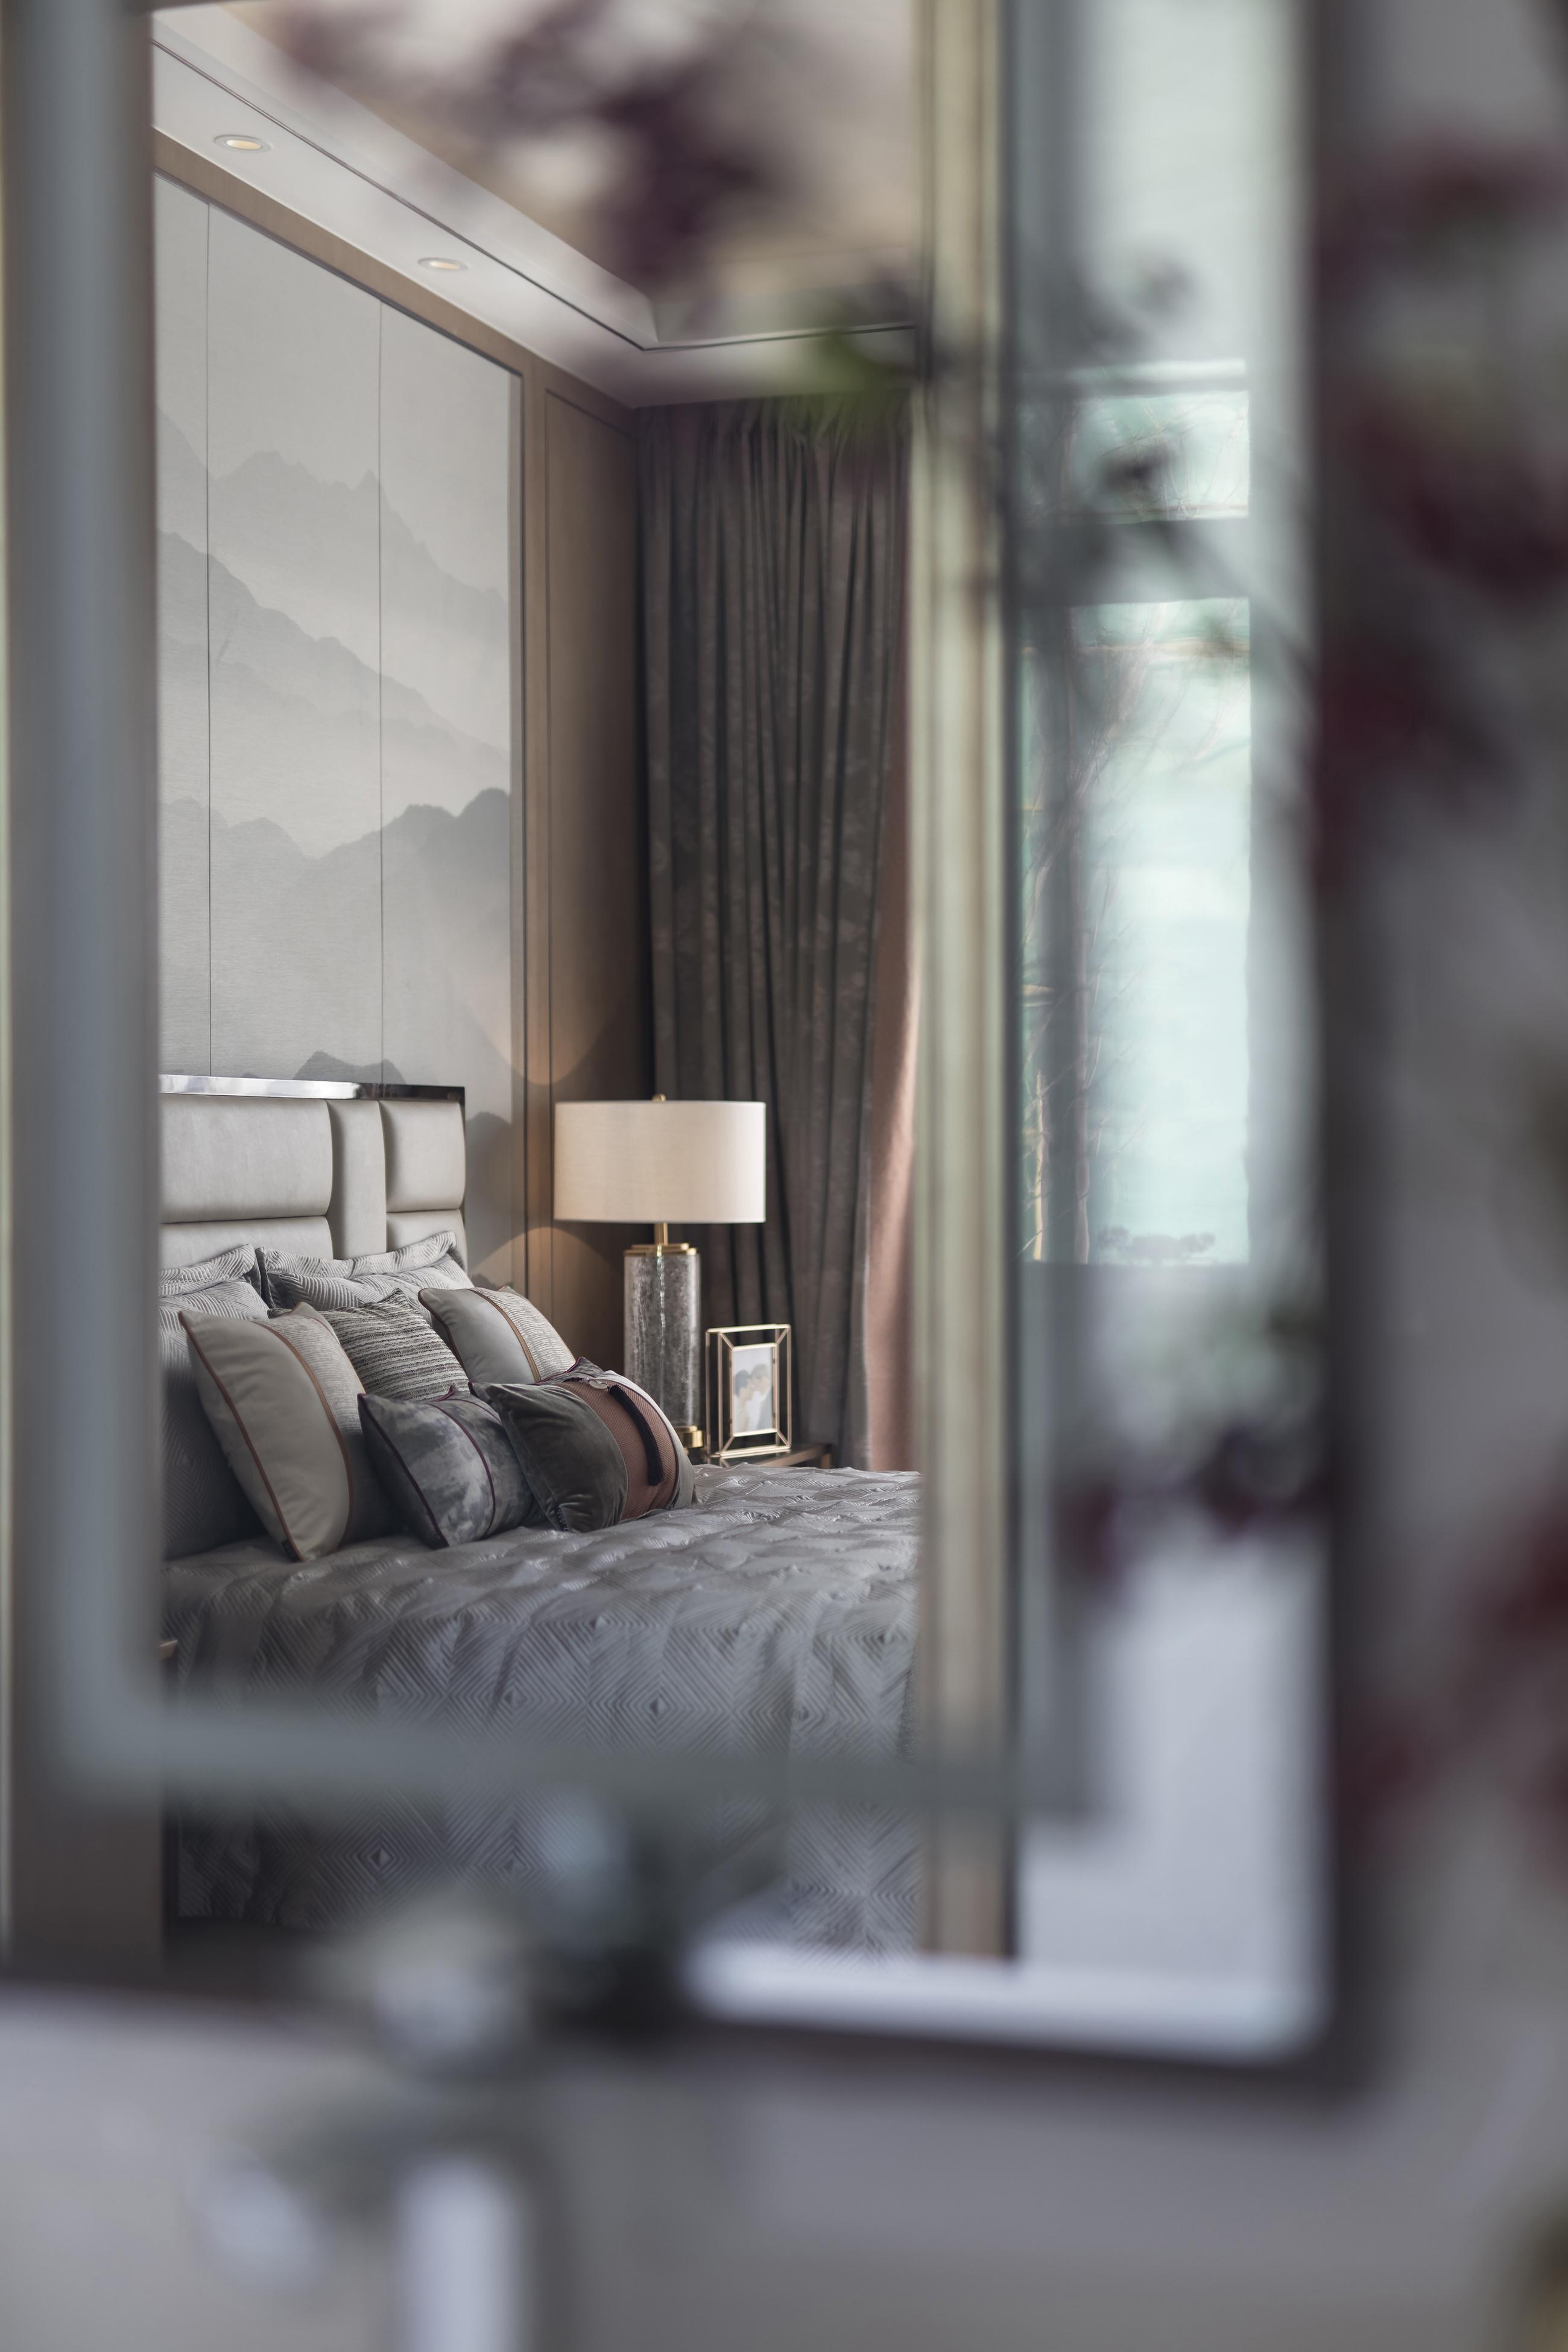 浪漫319平中式别墅卧室案例图卧室床2图中式现代卧室设计图片赏析